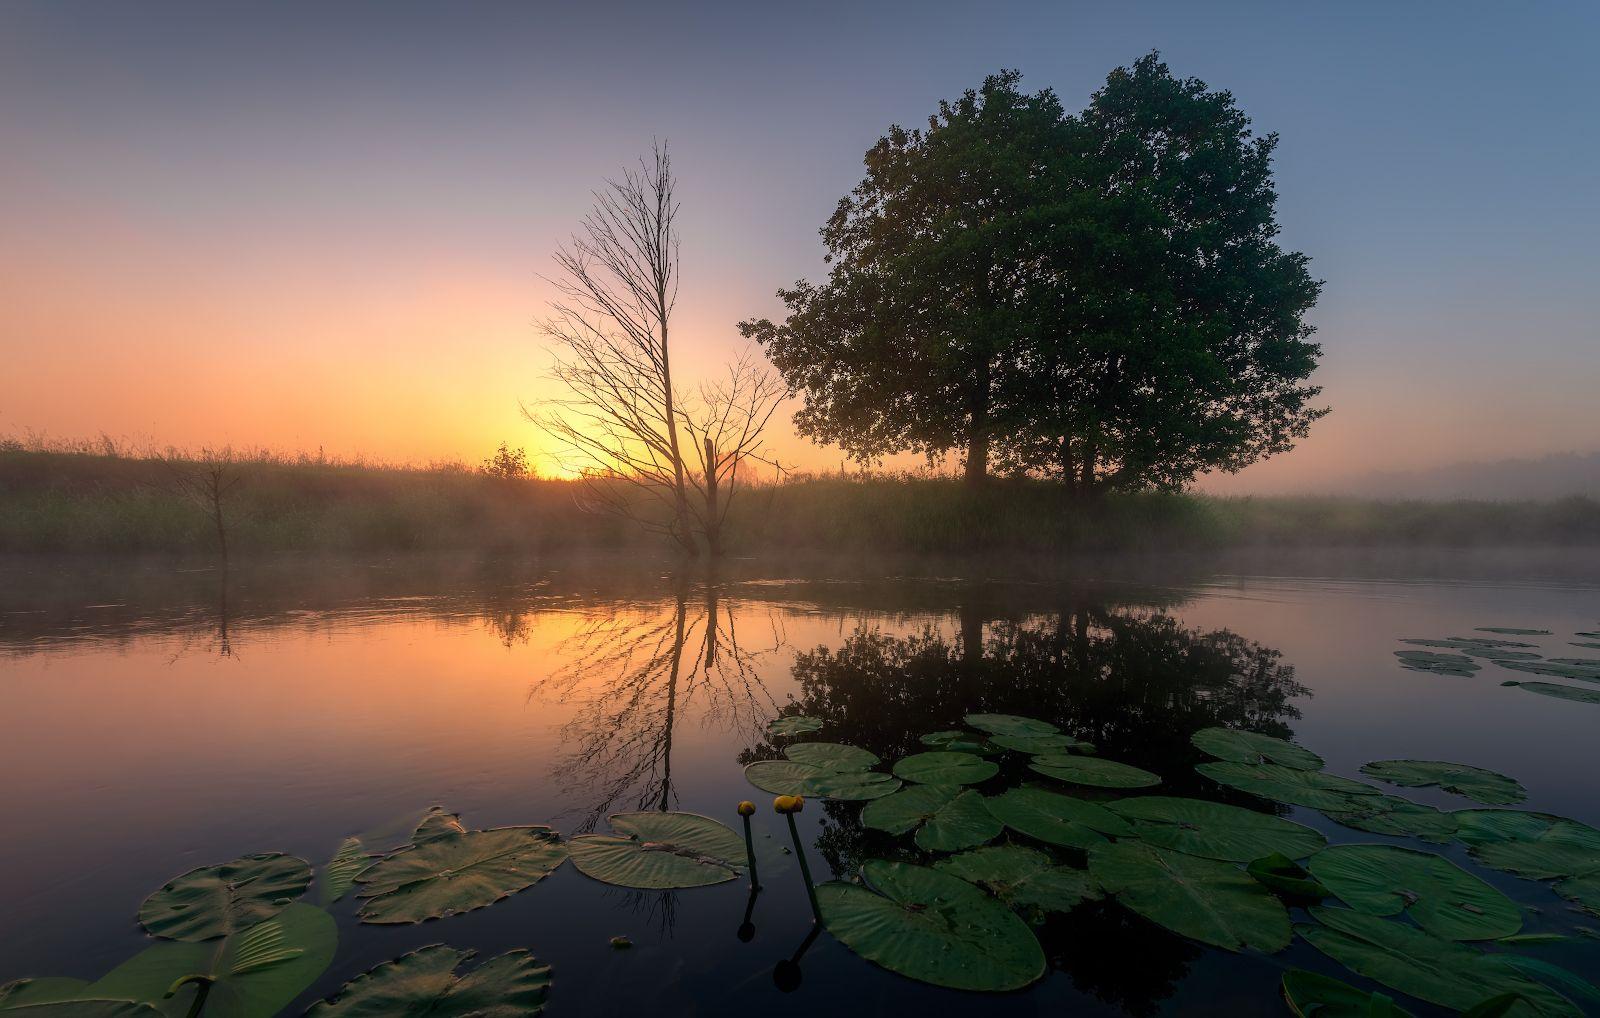 утро, река, рассвет, туман, Левыкин Виталий